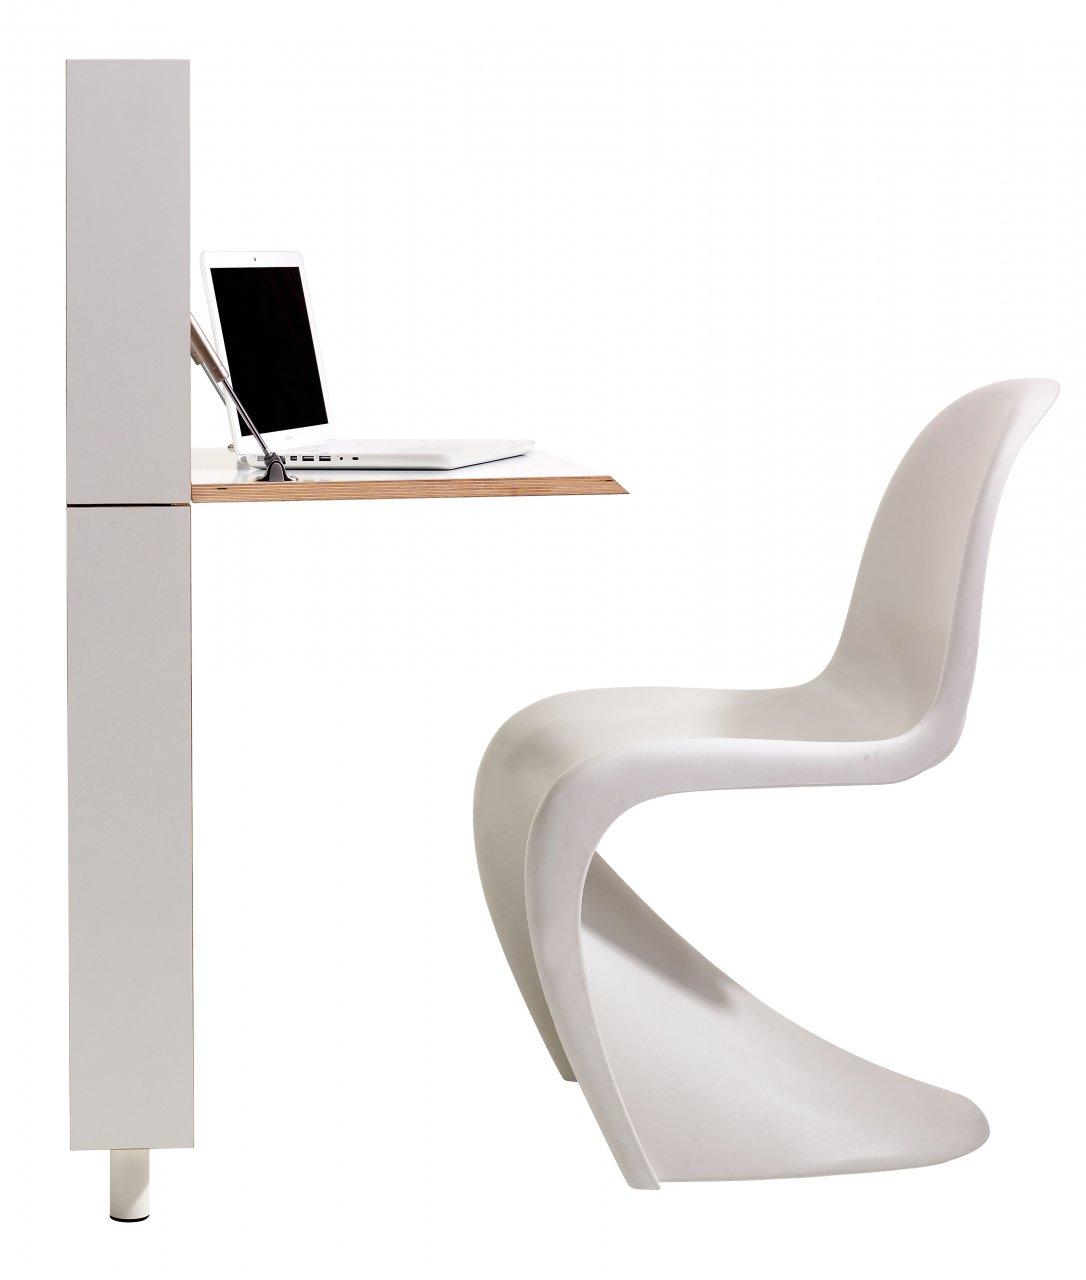 Sekretär Flatmate weiß seitlich mit Stuhl